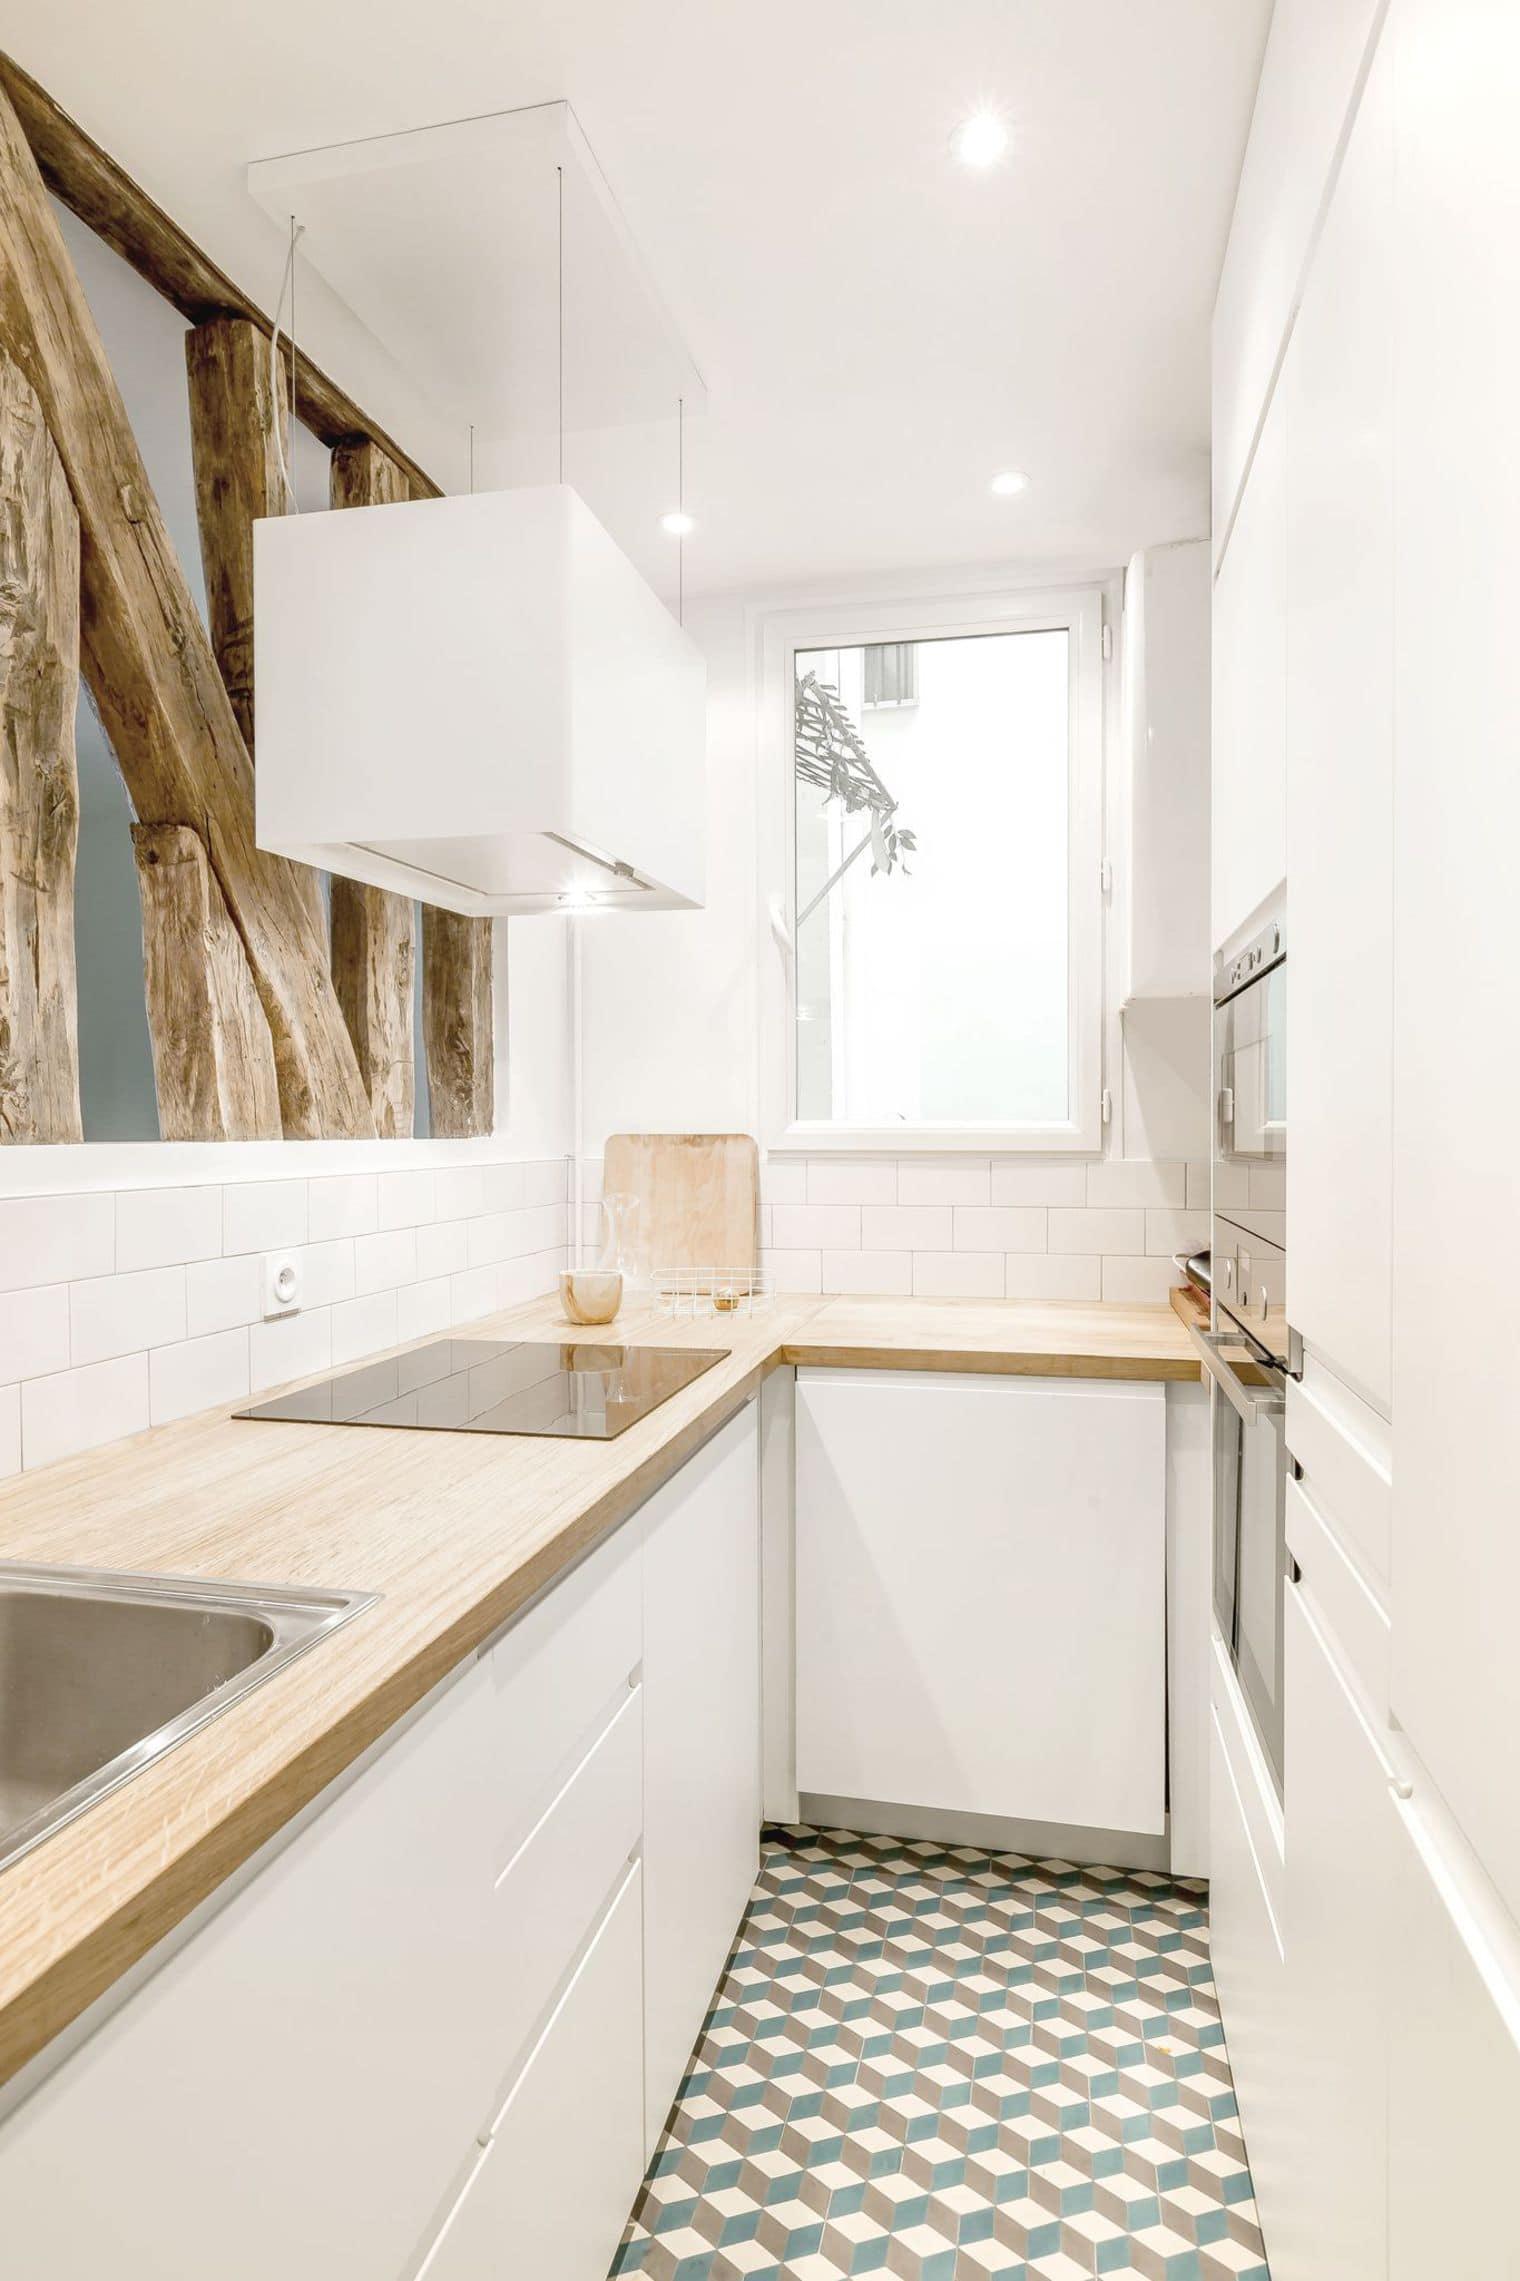 Маленькая светлая кухня в эко-стиле, где вся техника прекрасно маскируется под основной интерьер